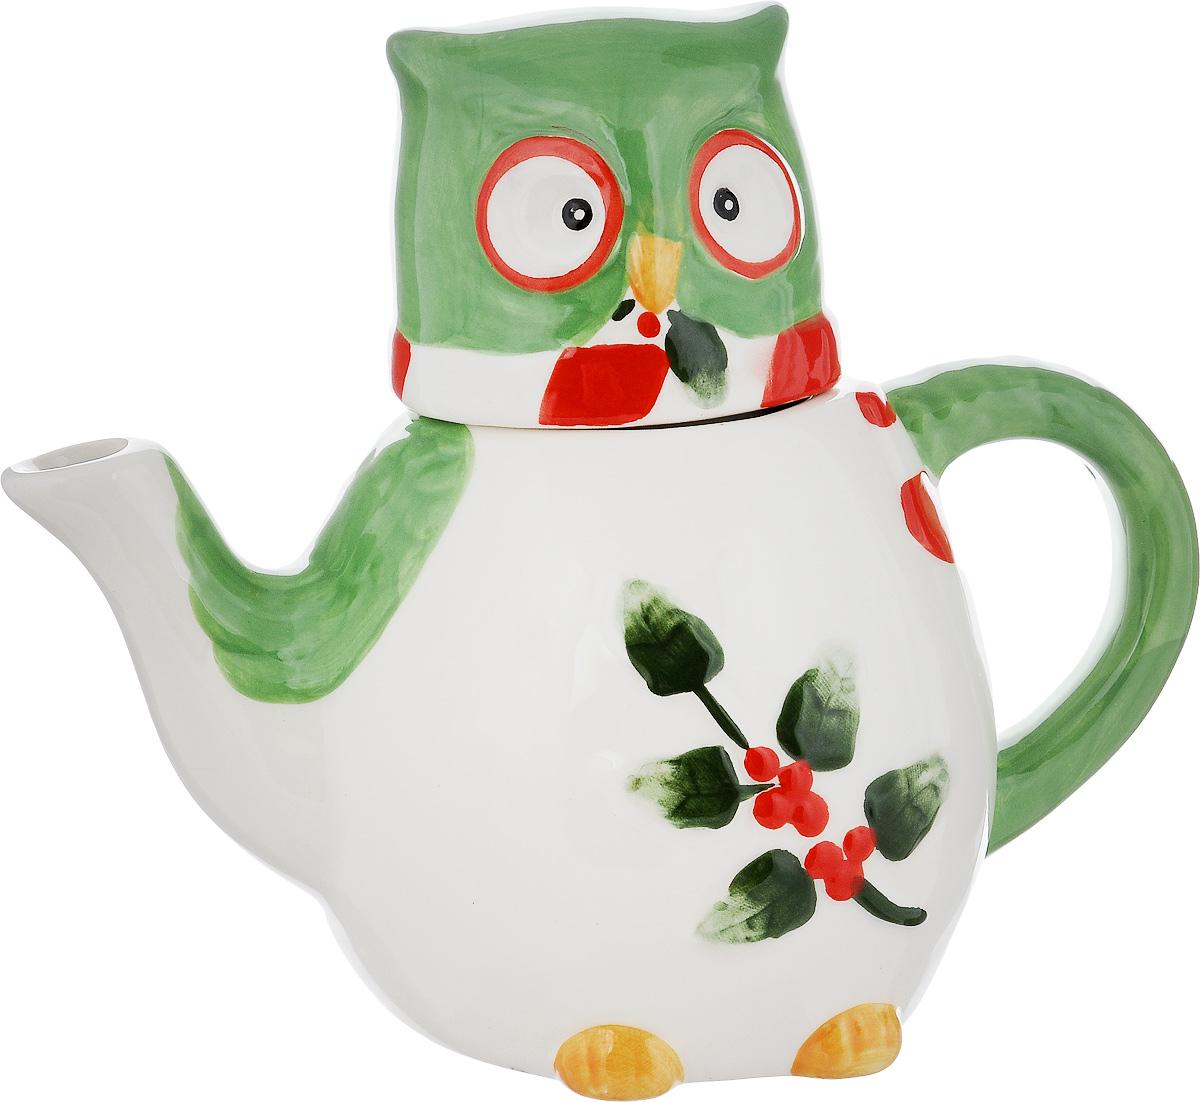 Чайник заварочный House & Holder Сова, цвет: белый, зеленый 610 млDP-B63-131957B/EЗаварочный чайник House & Holder Сова выполнен извысококачественной керамики и покрытсверкающей глазурью. Изделие оформлено ярким рисунком и оснащенокрышкой.Заварочный чайник House & Holder Сова придется повкусу иценителям классики, и тем, кто предпочитаетутонченность иизысканность. Диаметр (по верхнему краю): 6 см.Высота чайника (без учета крышки): 10,5 см. Высота чайника (с учетом крышки): 17 см.